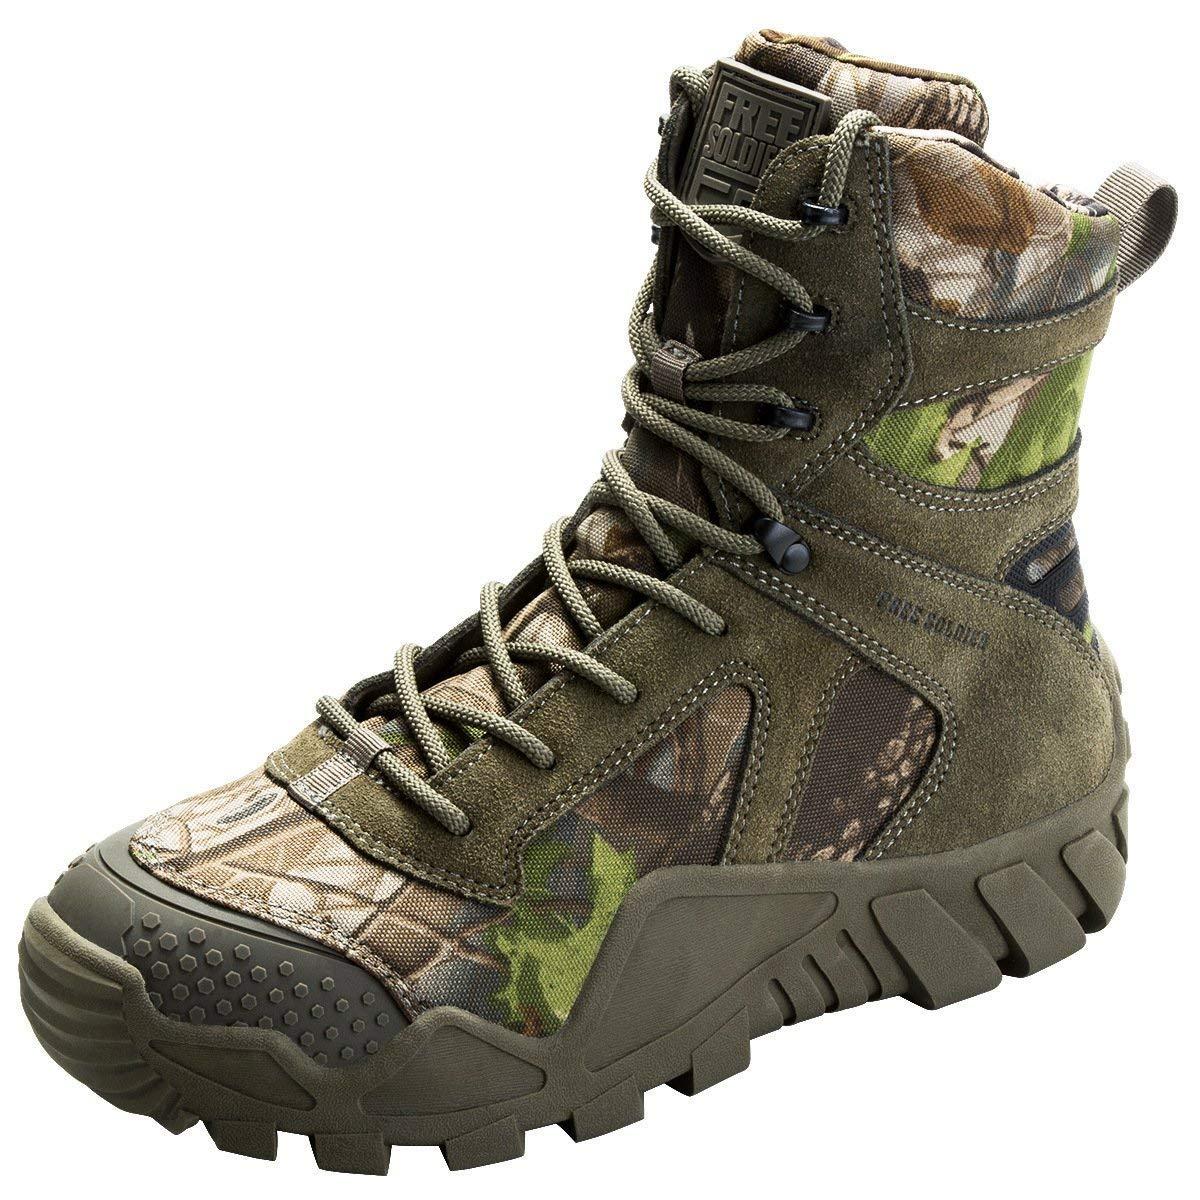 TALLA 39 EU. FREE SOLDIER Hombres Militares High-Top Zapatos táctico Senderismo Botas Cordones Trabajo Combate Todos los terrenos Botas Resistente al Agua 3 Colores